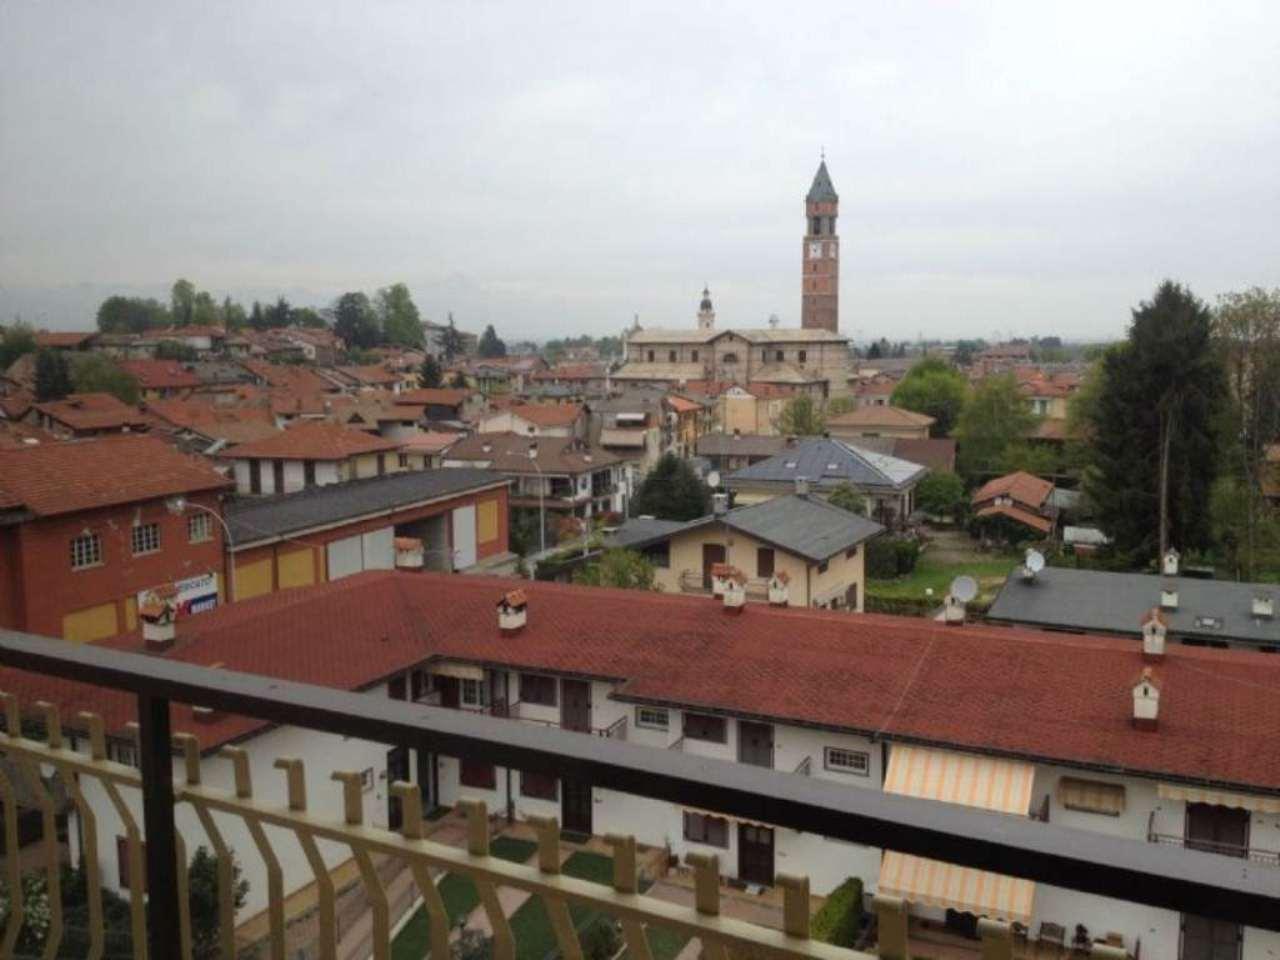 Appartamento in vendita a Chiusa di Pesio, 3 locali, prezzo € 89.000 | CambioCasa.it